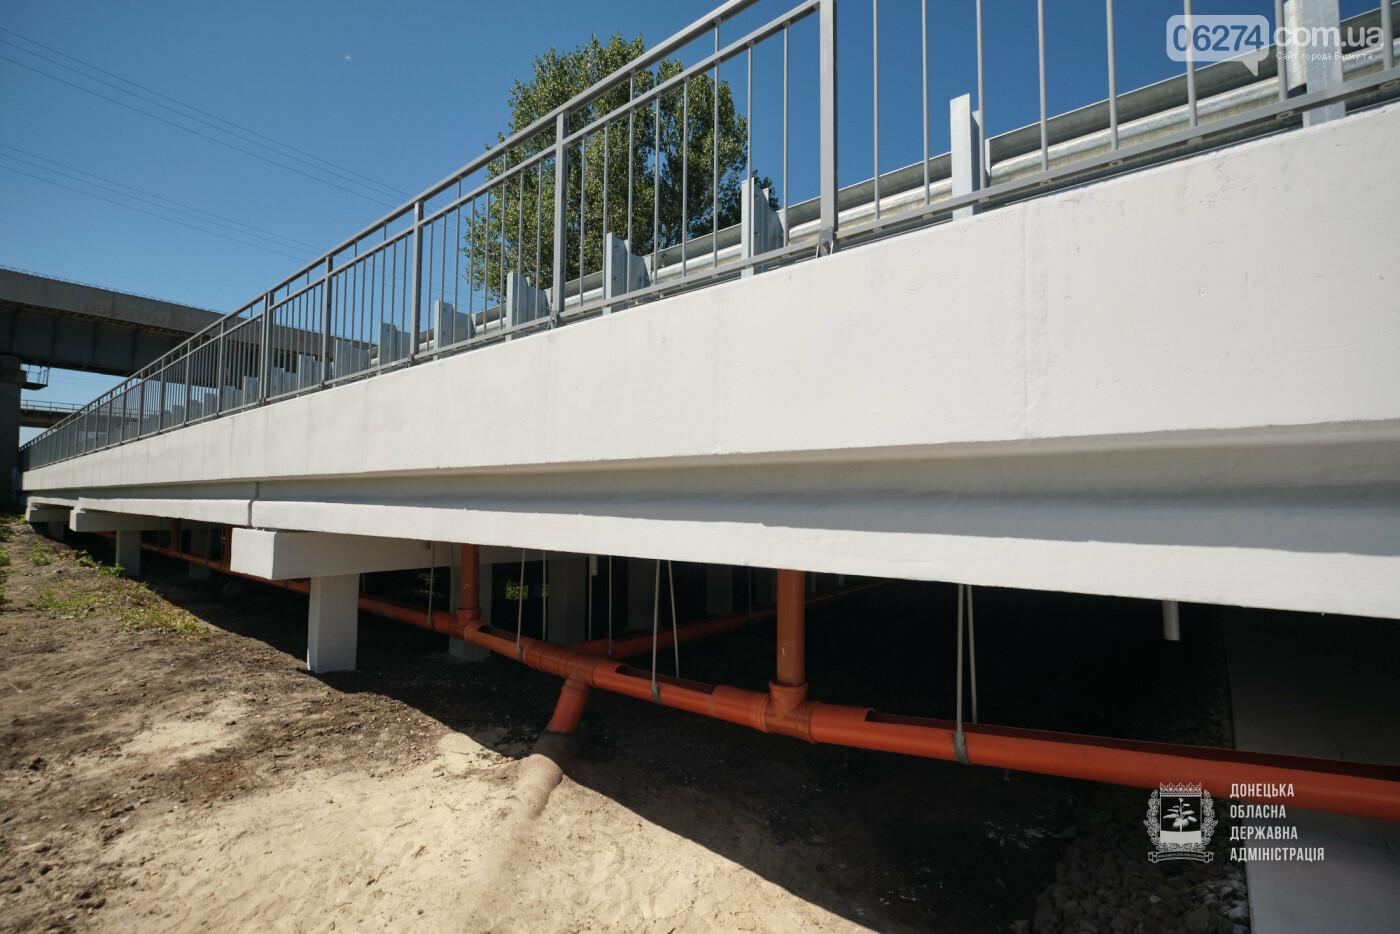 В Бахмутской ОТГ отремонтировано три моста с опережением графиков, фото-2